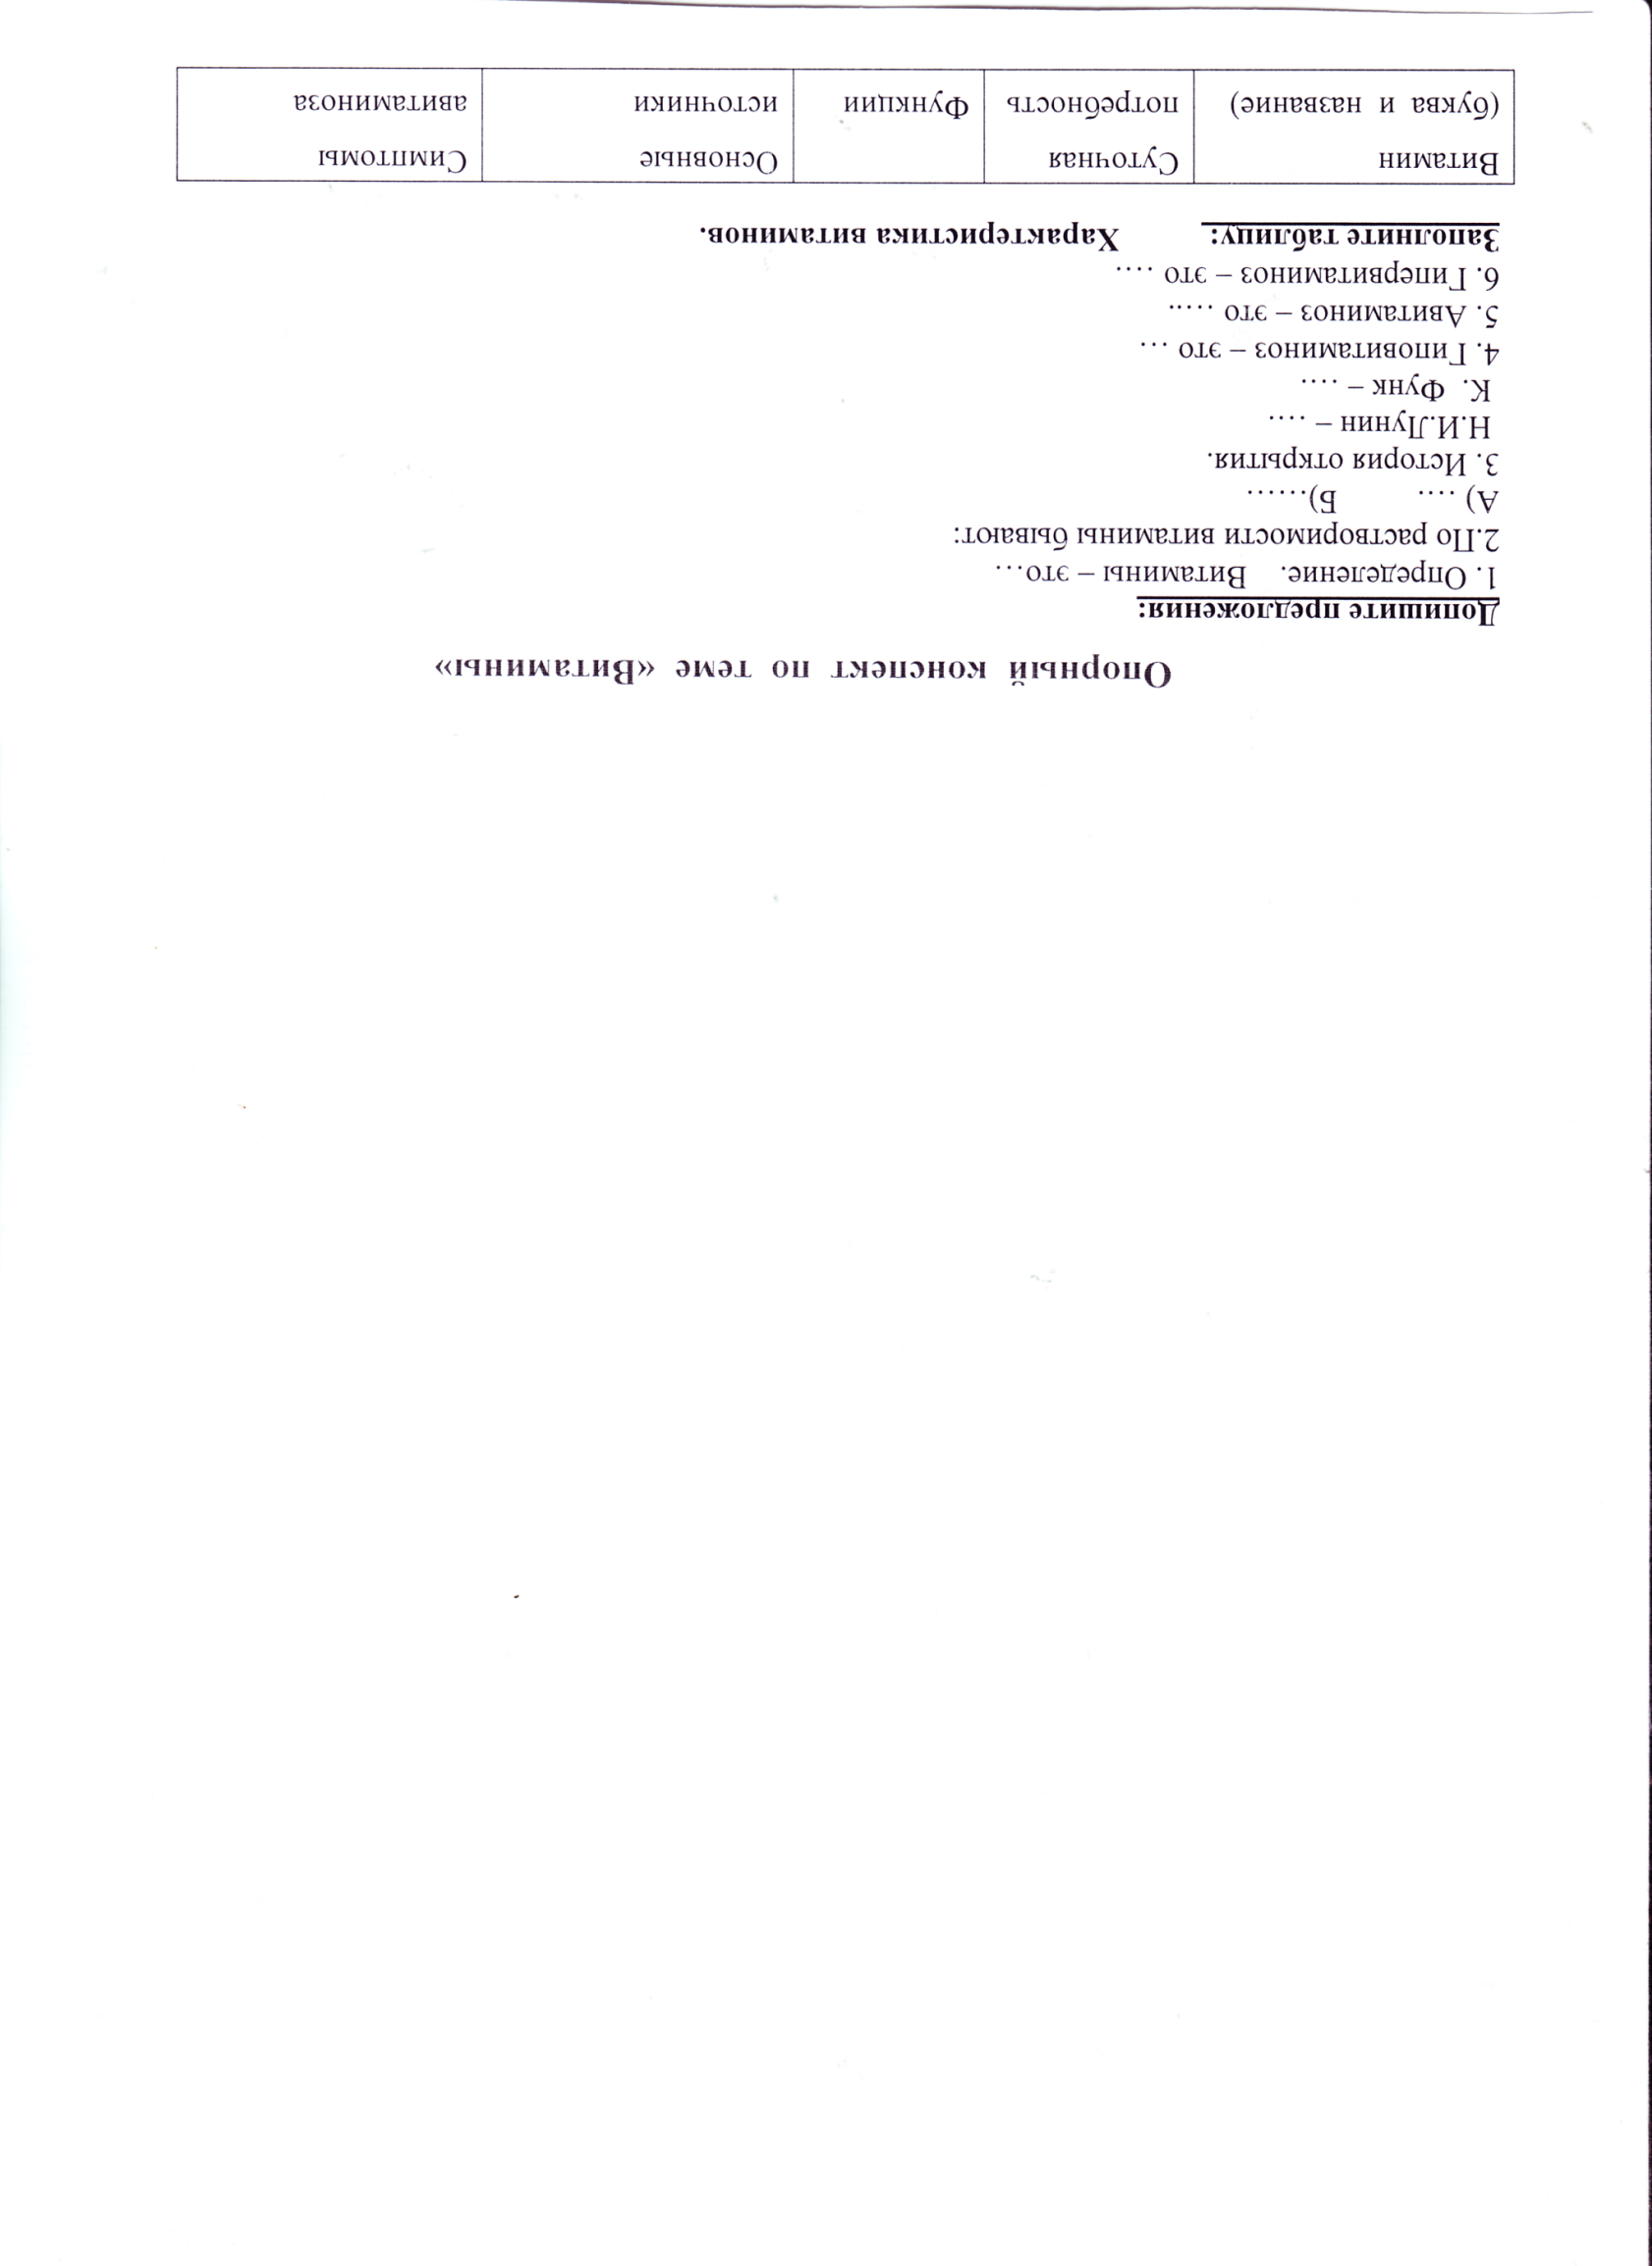 C:\Documents and Settings\Игрок\Мои документы\Мои рисунки\2010-03-15\алгебра 30007.BMP